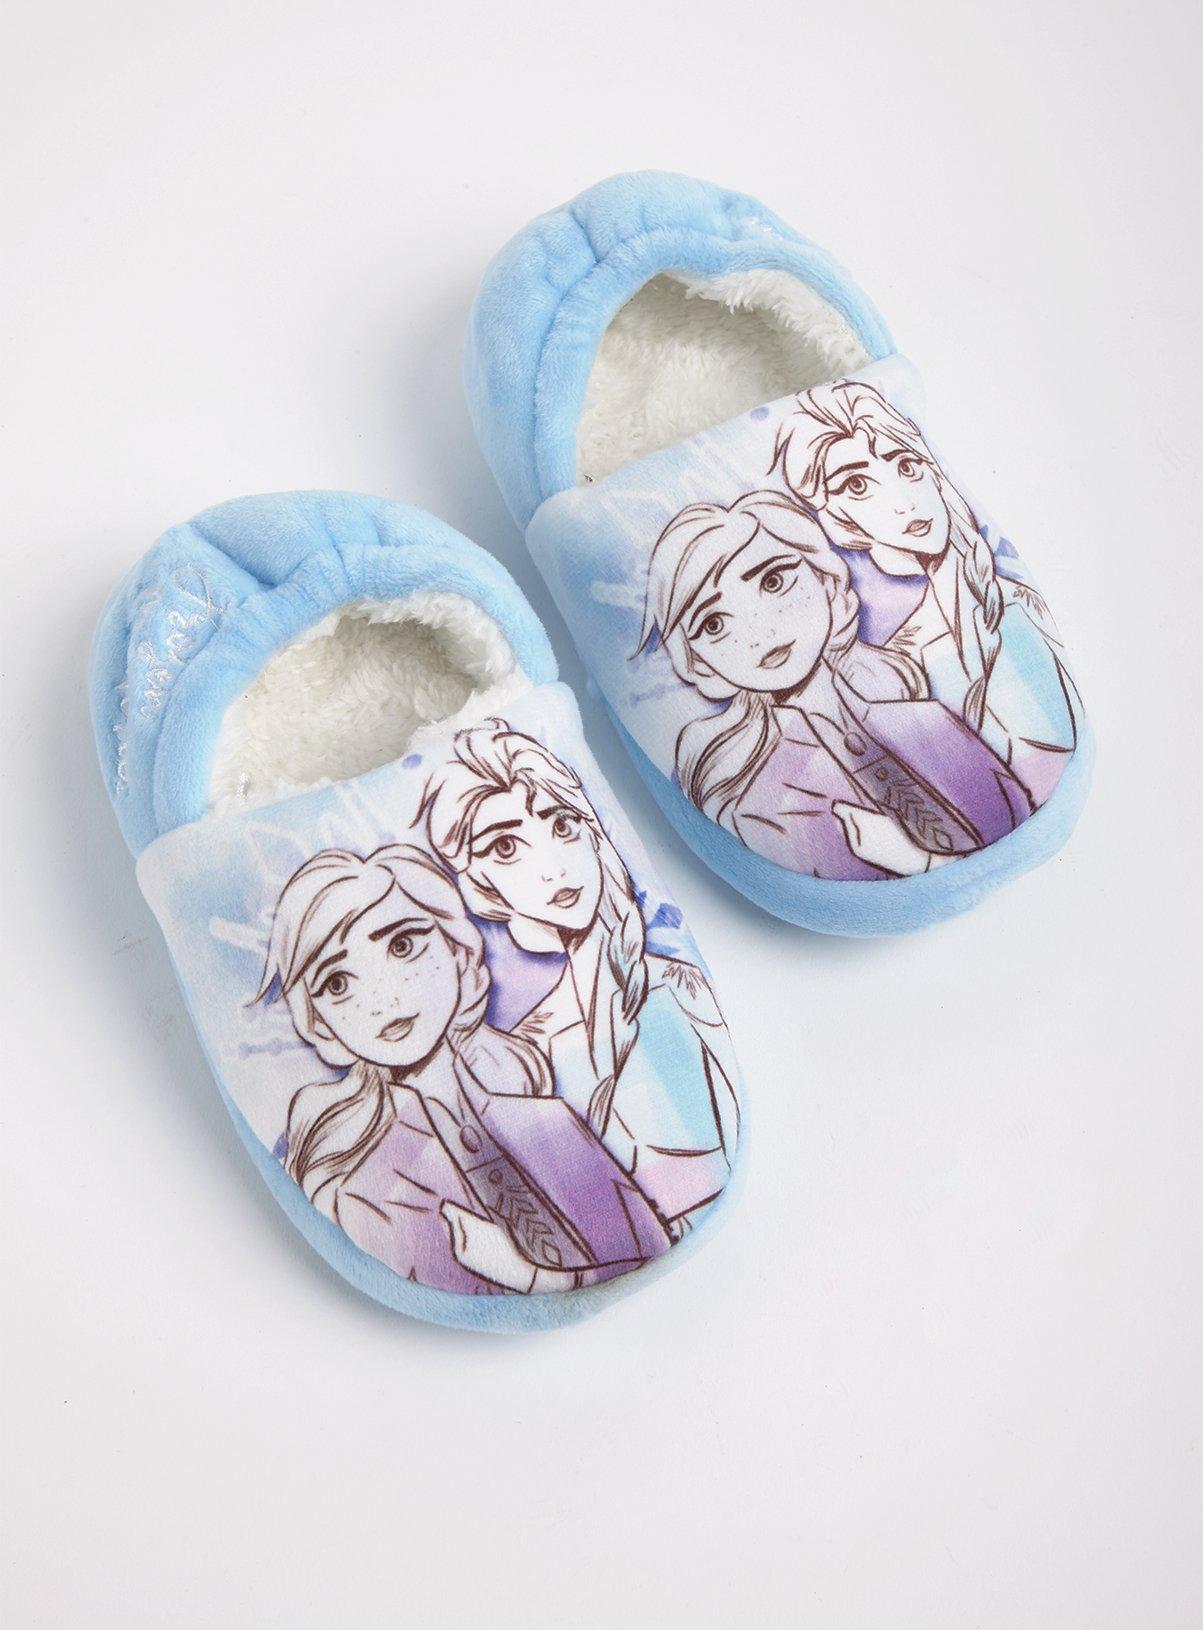 Official Disney Frozen Anna Elsa Infant Kids Full Slippers Shoes Fleece Soft